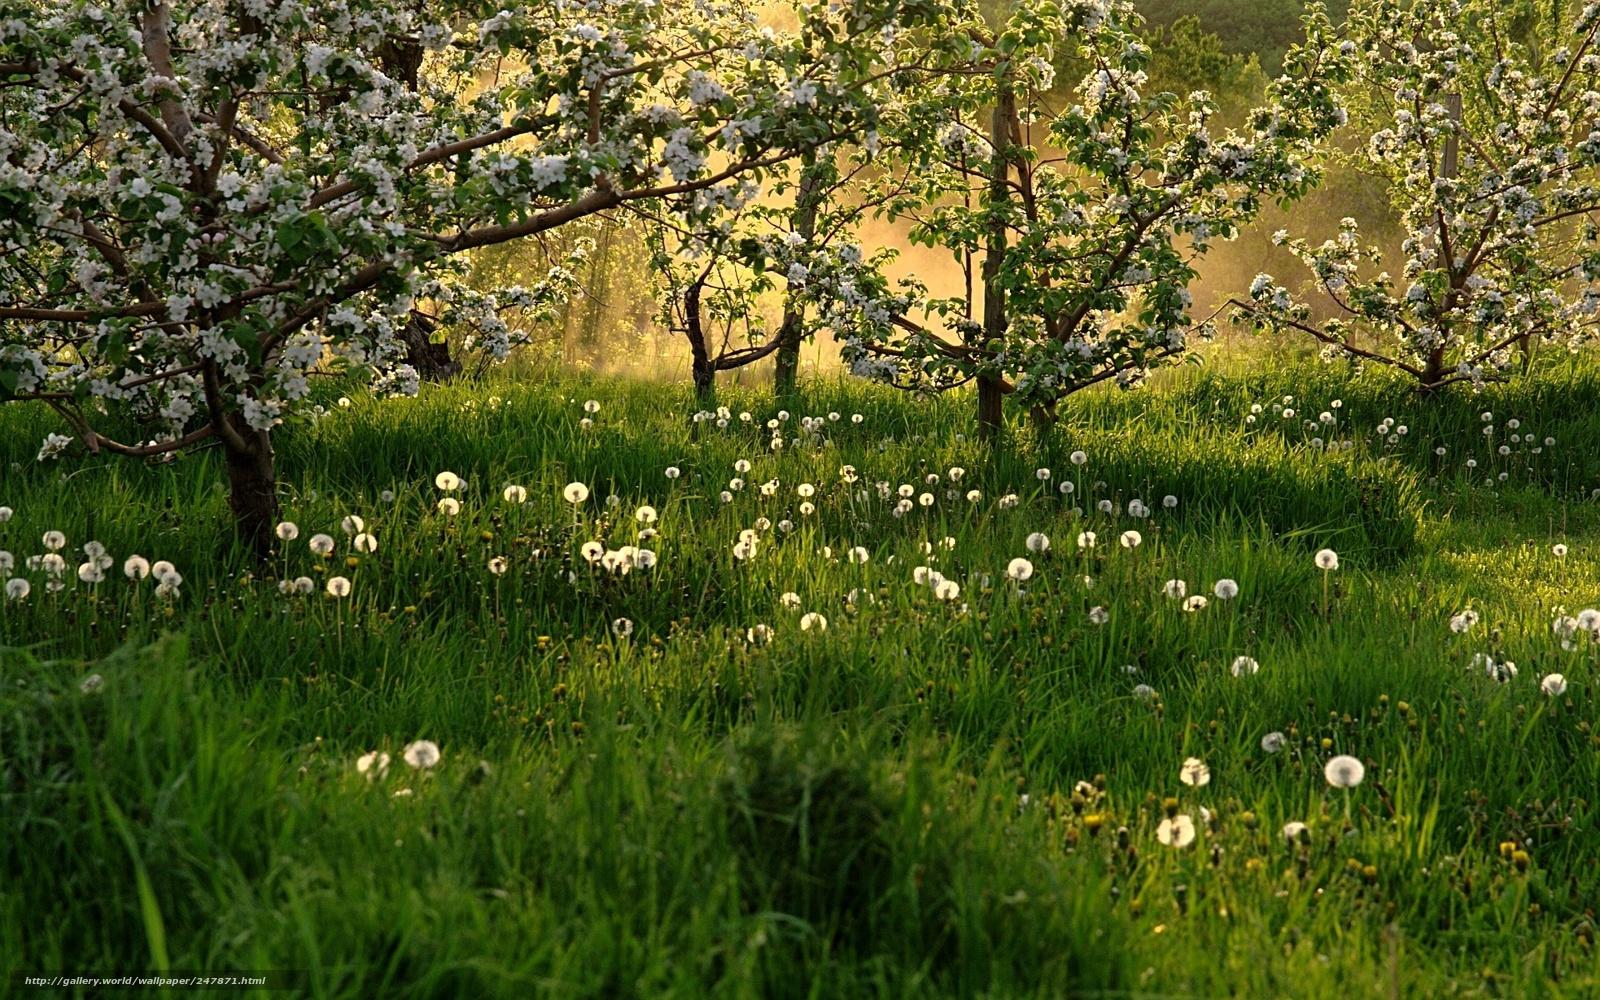 Tlcharger fond d 39 ecran nature printemps prairie arbres - Dandelion hd wallpapers 1080p ...